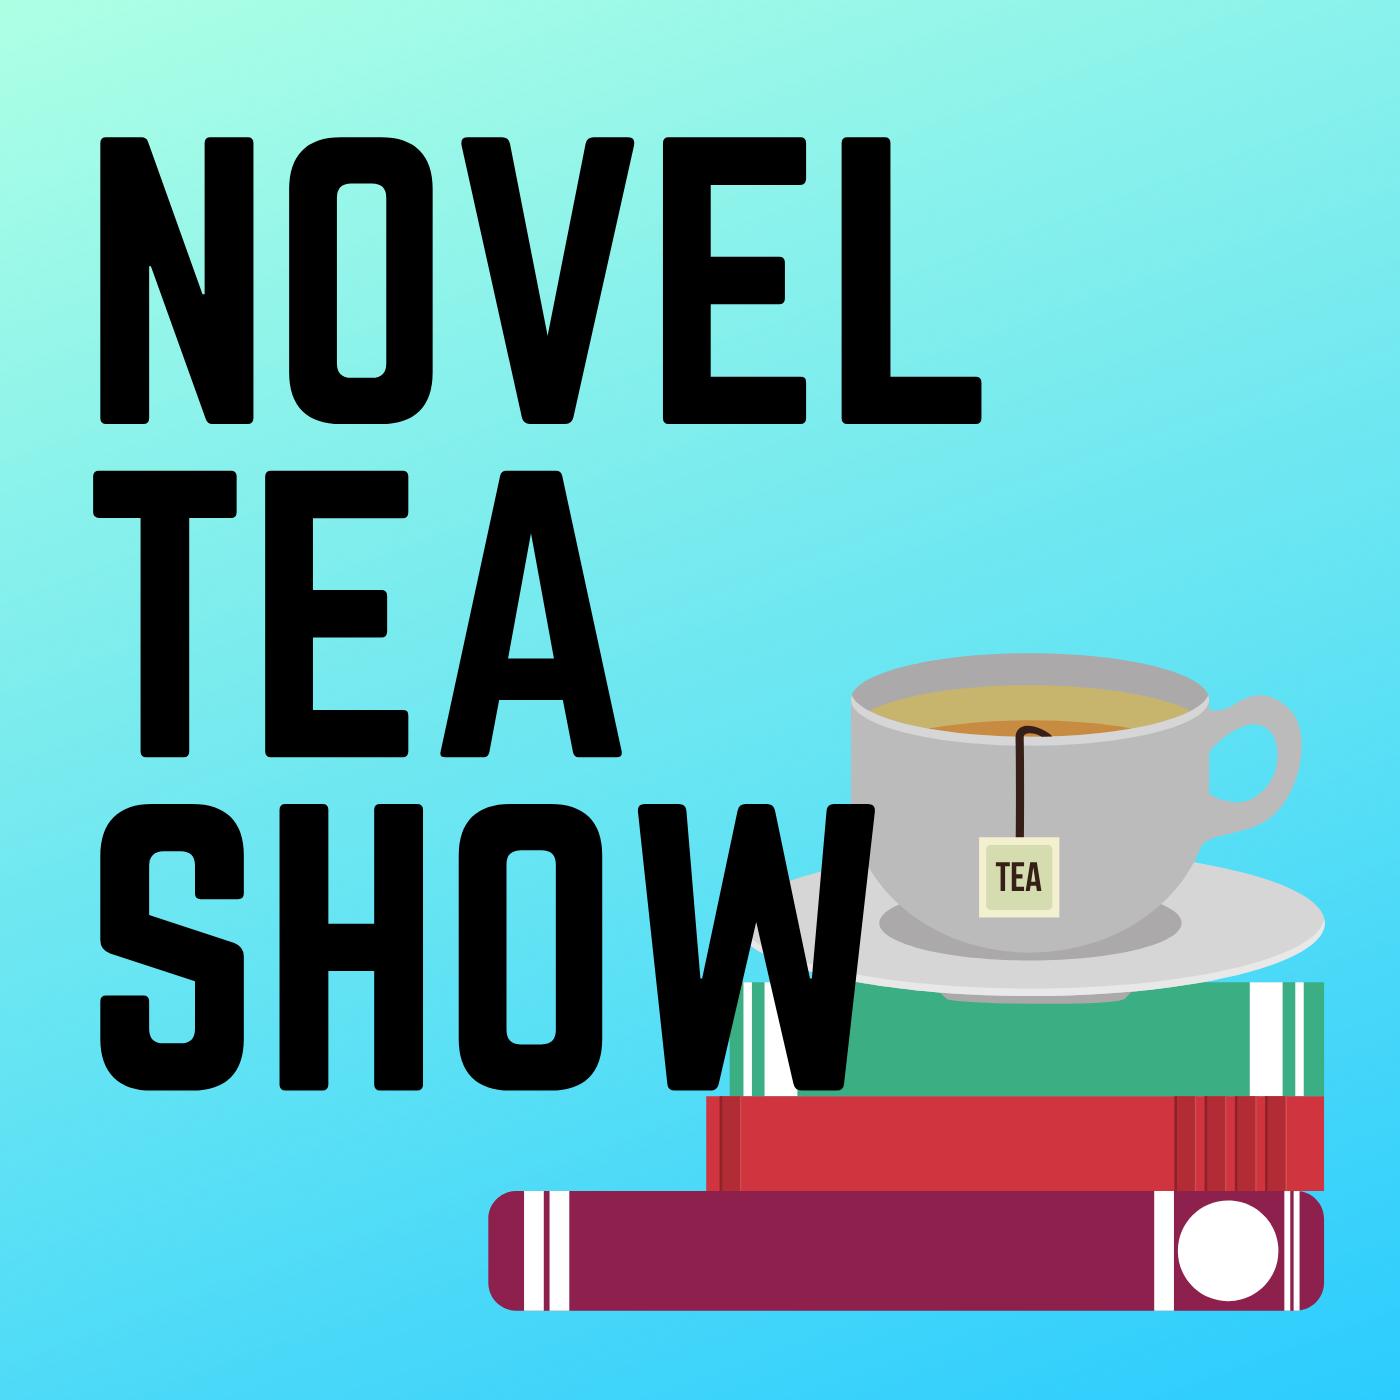 Novel Tea Show show art